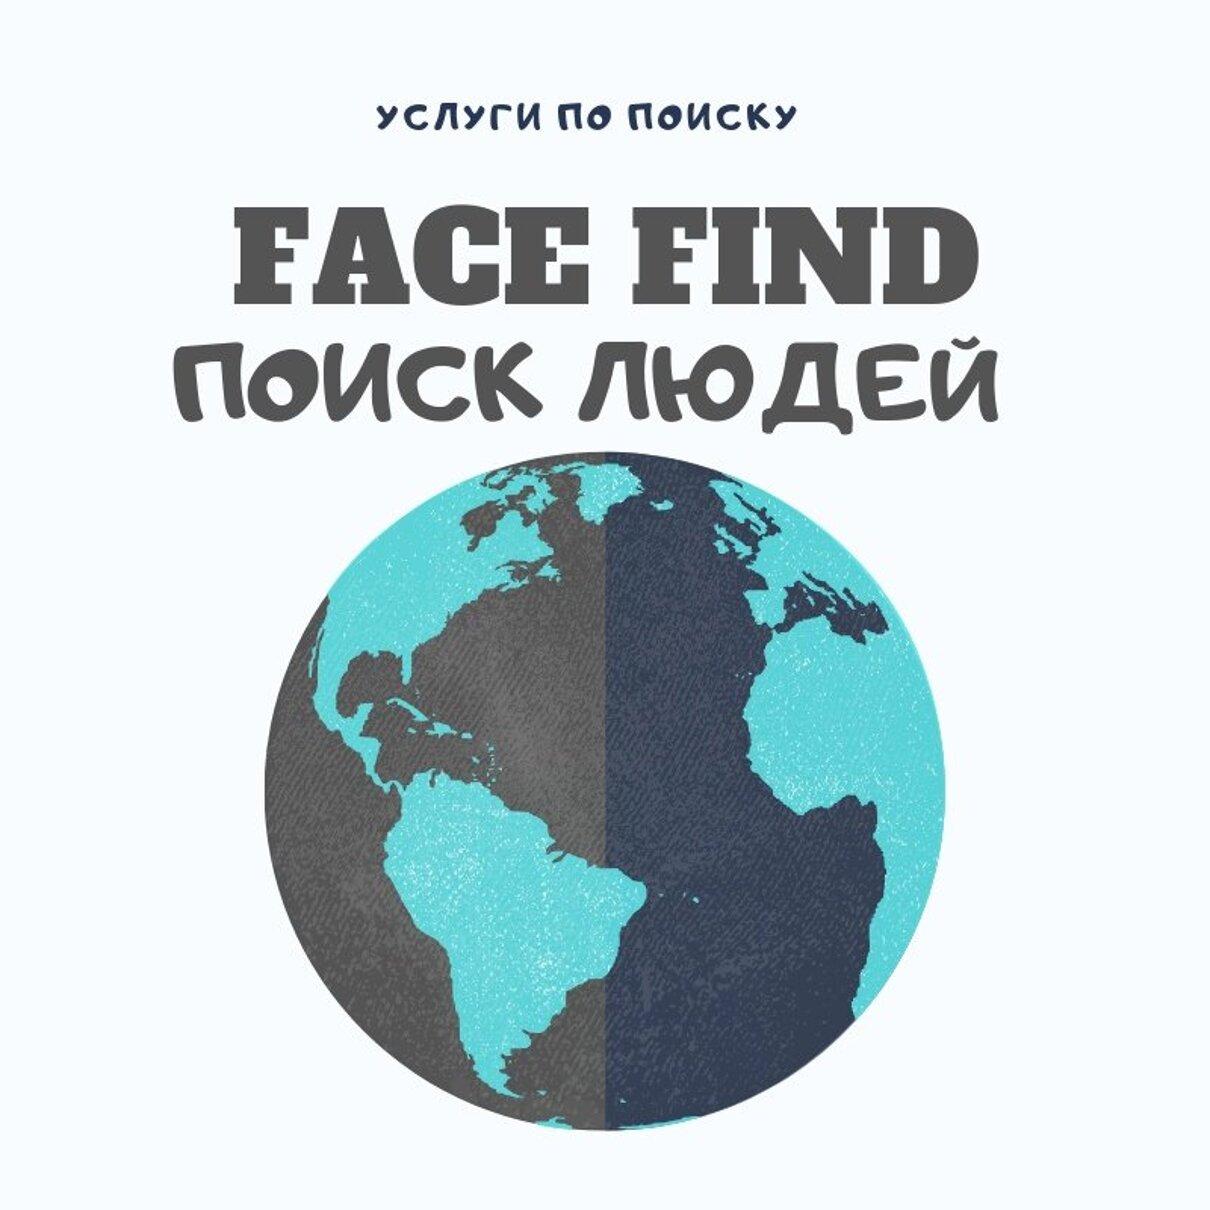 Жалоба-отзыв: Find Face или Face Find - Мошенники - кидалы в сети ВК.  Фото №1